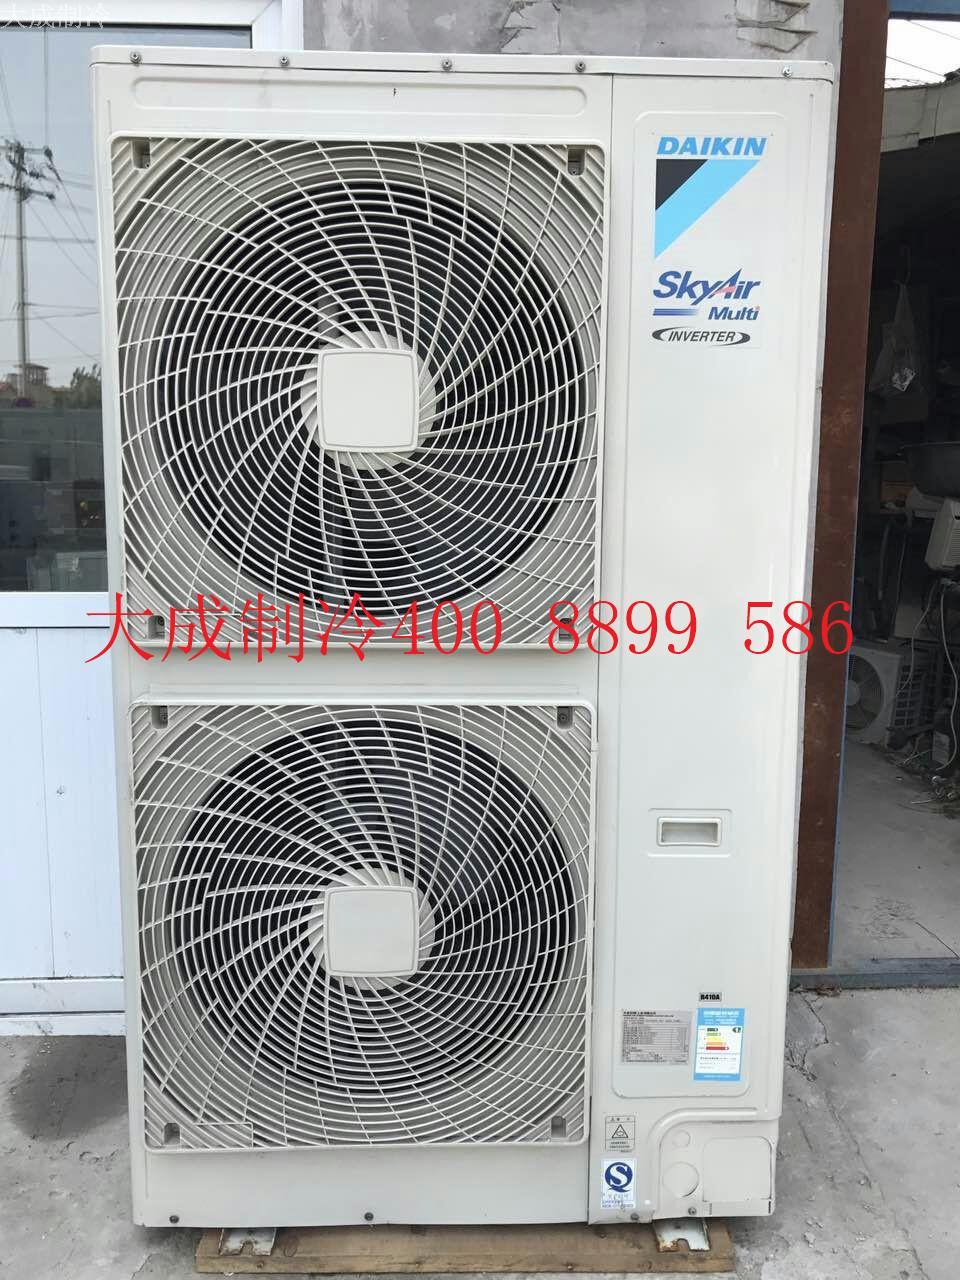 ez 变频 használt külső gép központi légkondicionáló otthon kereskedelmi 810121416 a himlő gép több online